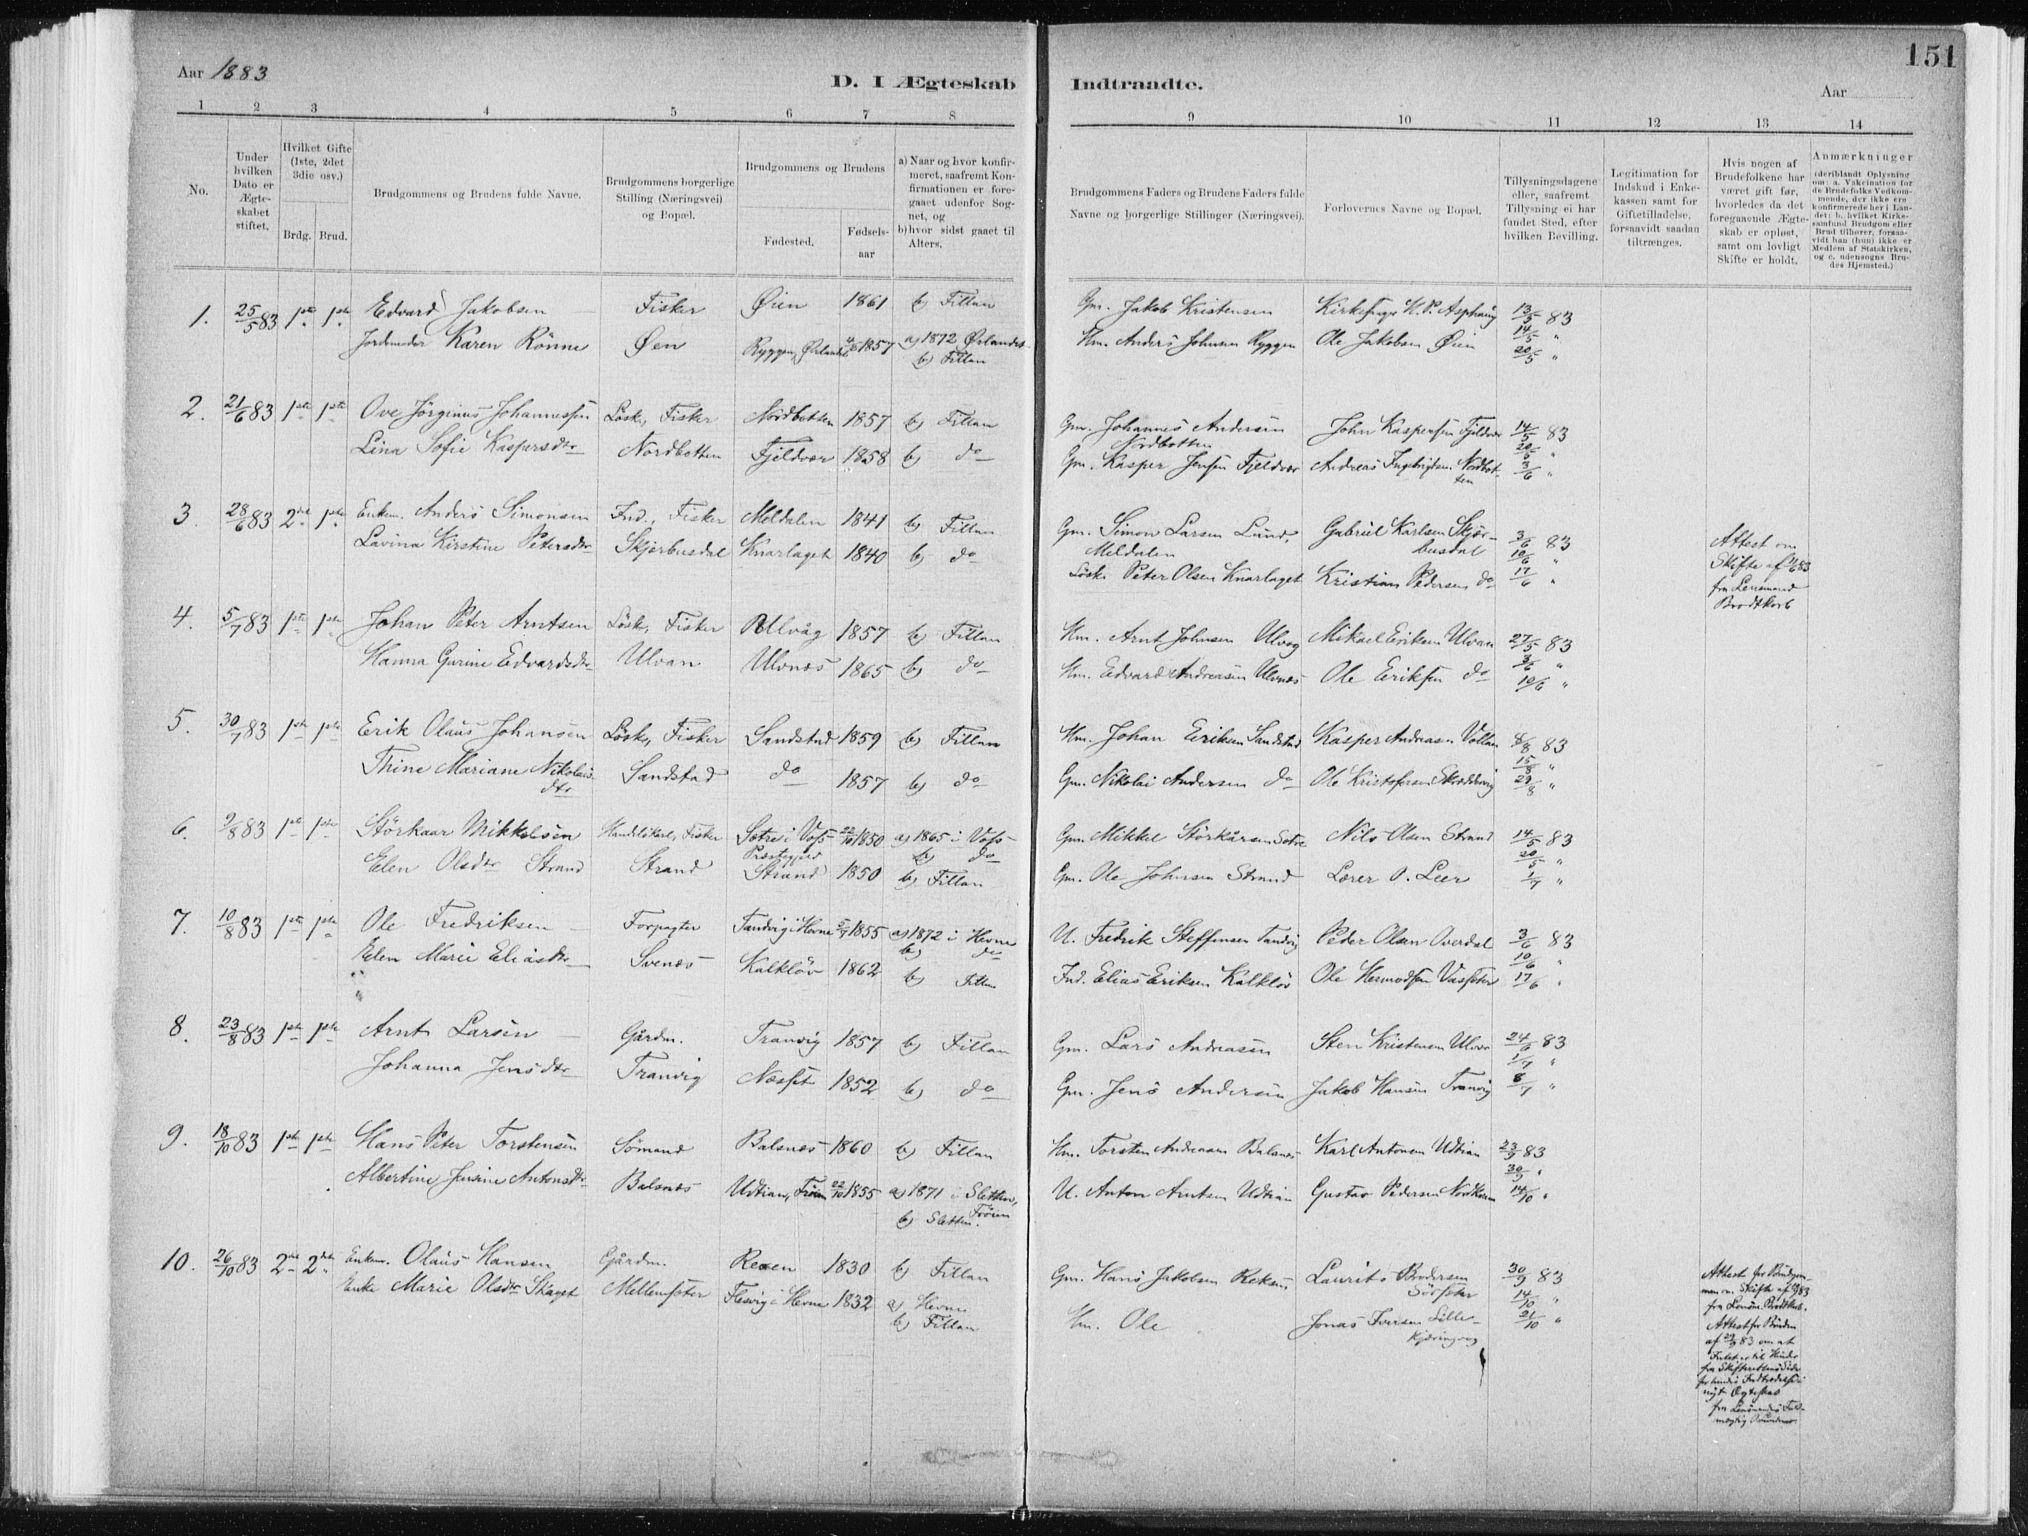 SAT, Ministerialprotokoller, klokkerbøker og fødselsregistre - Sør-Trøndelag, 637/L0558: Ministerialbok nr. 637A01, 1882-1899, s. 151